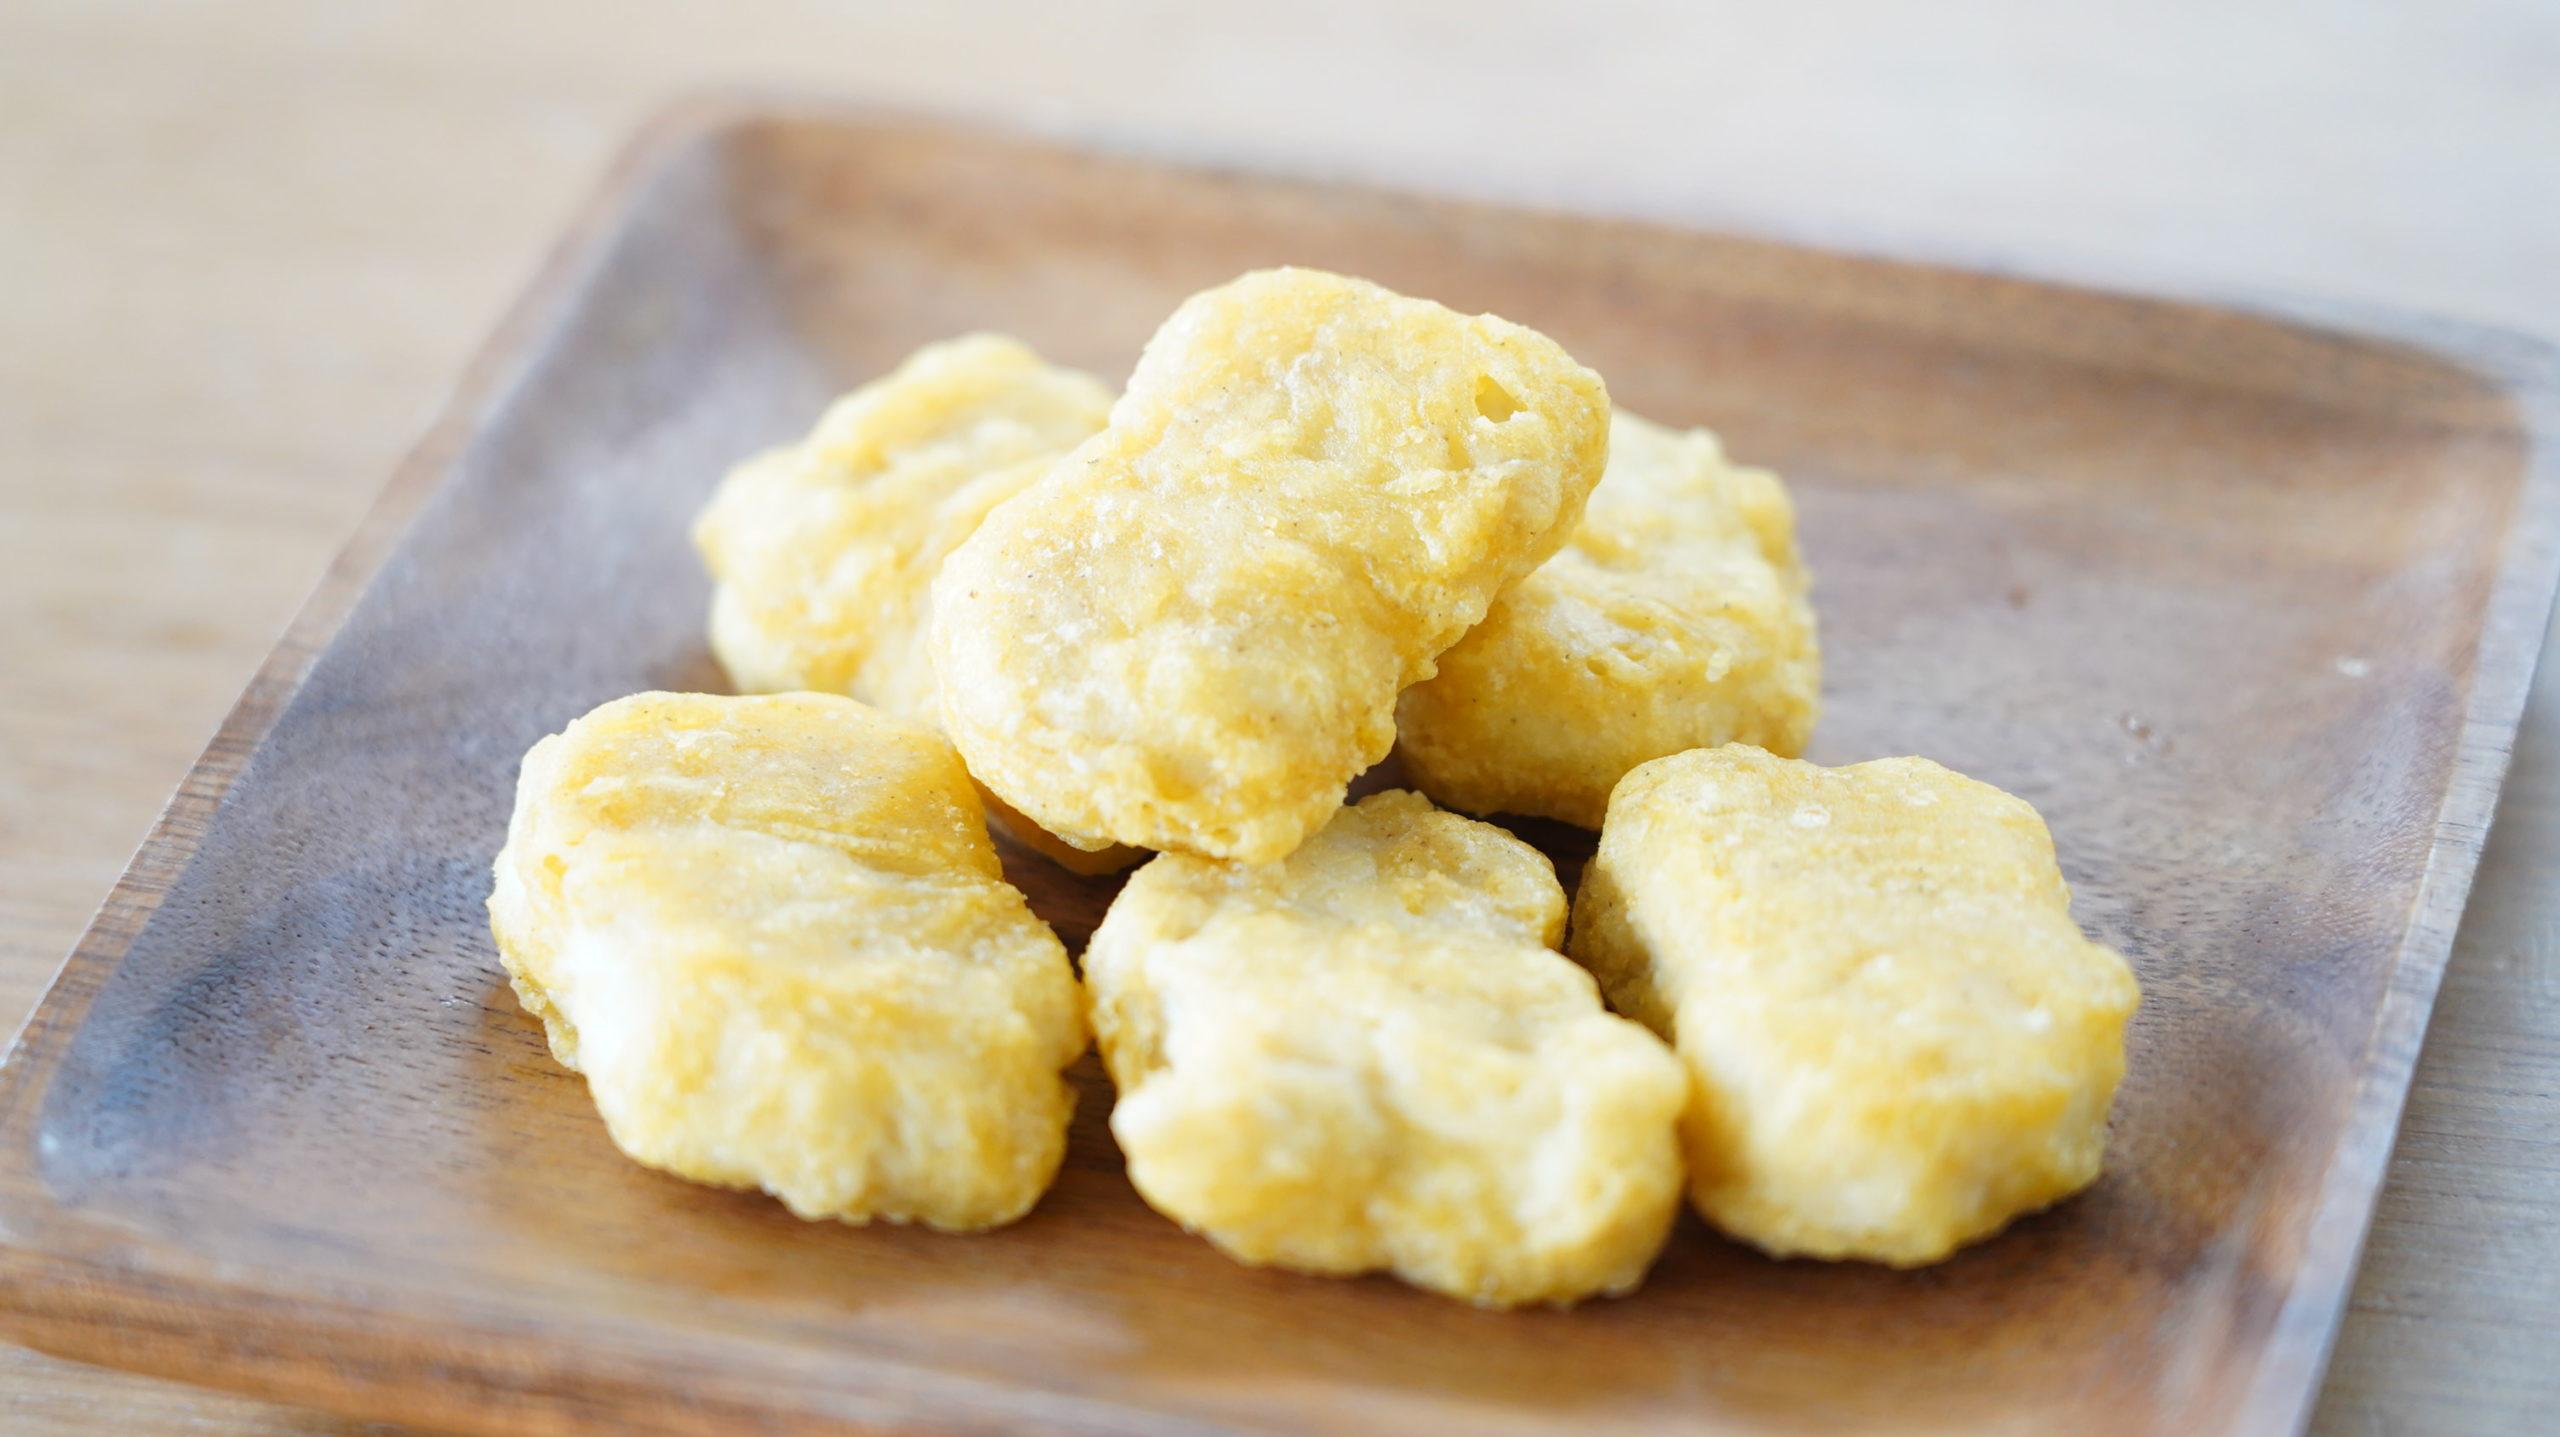 コストコの冷凍食品「CP チキンナゲット」がマックのチキンナゲットと似ていることが分かる写真